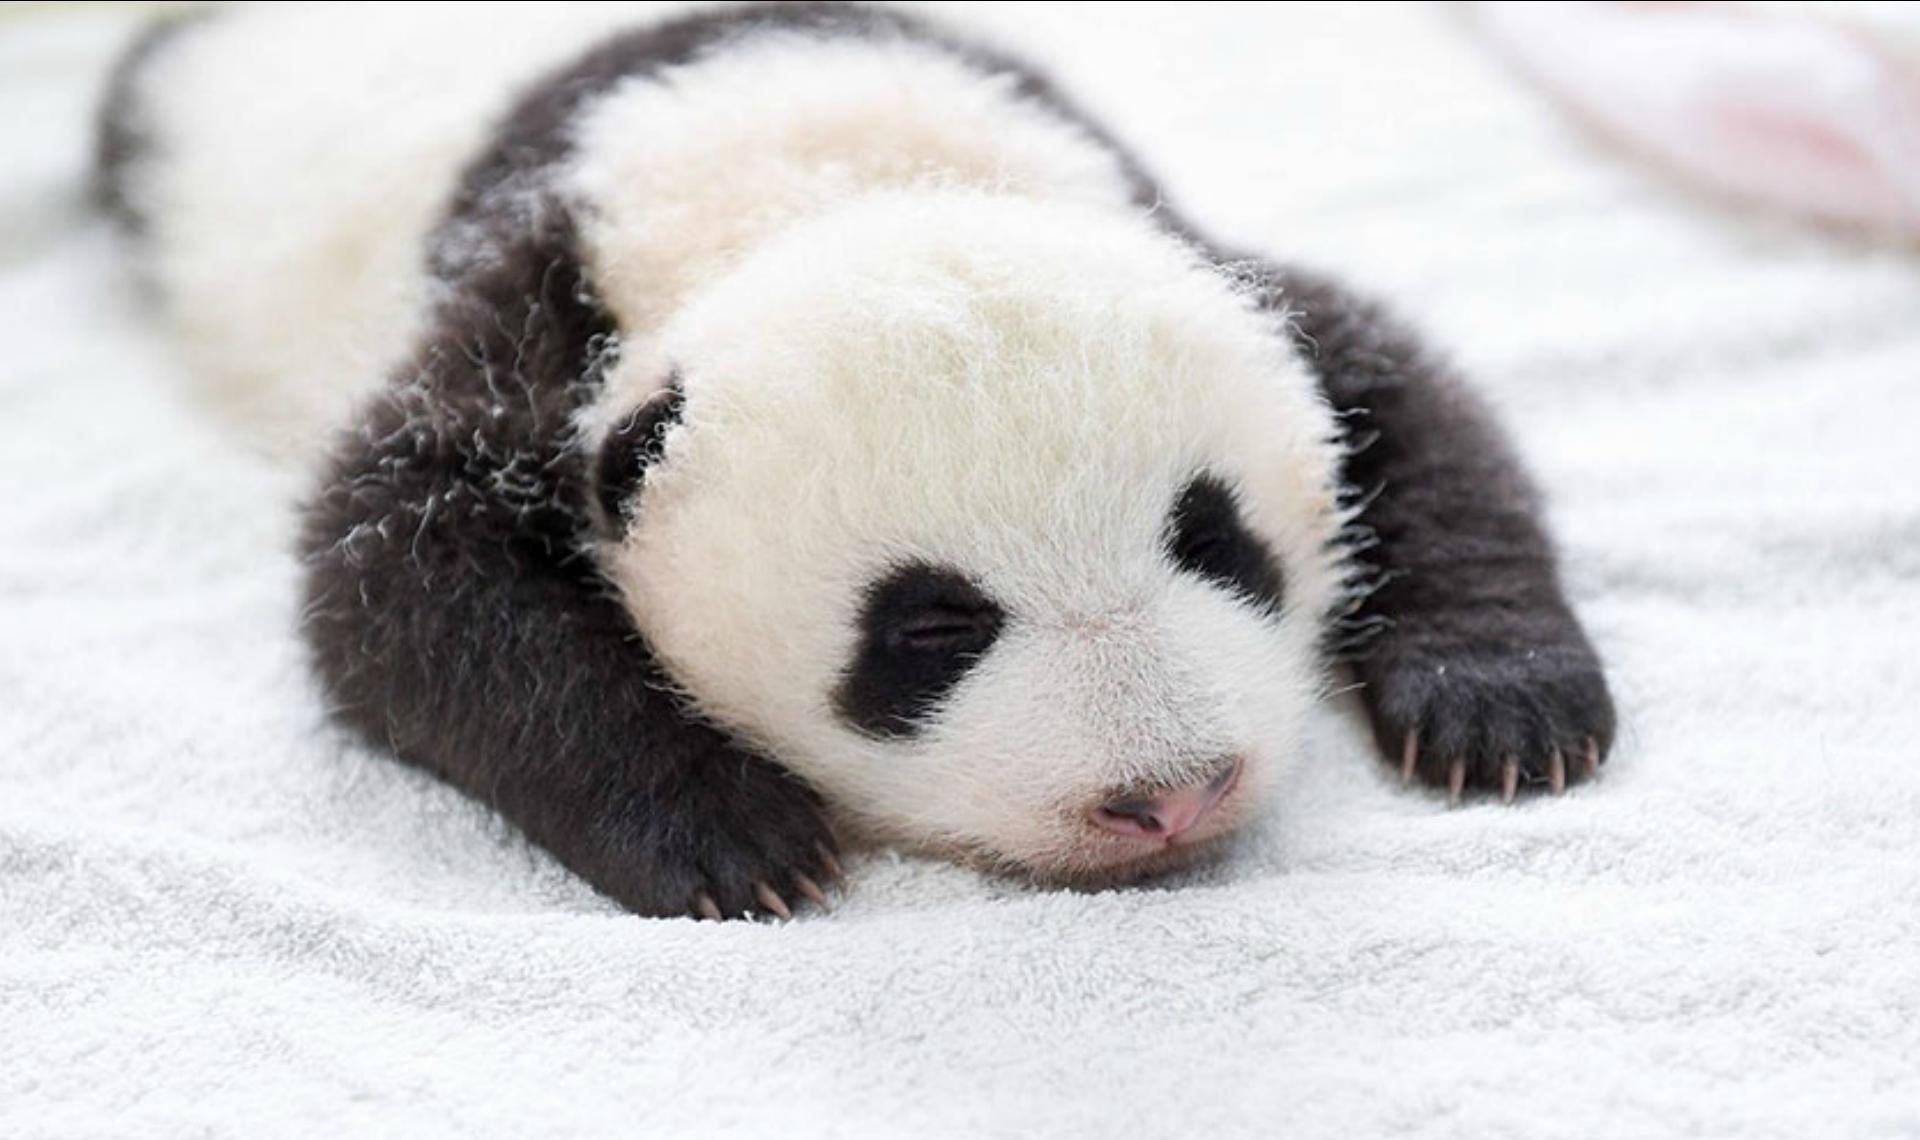 Favoritos Top 12 photos de la réserve de panda à Wolong en Chine | Topito MC68